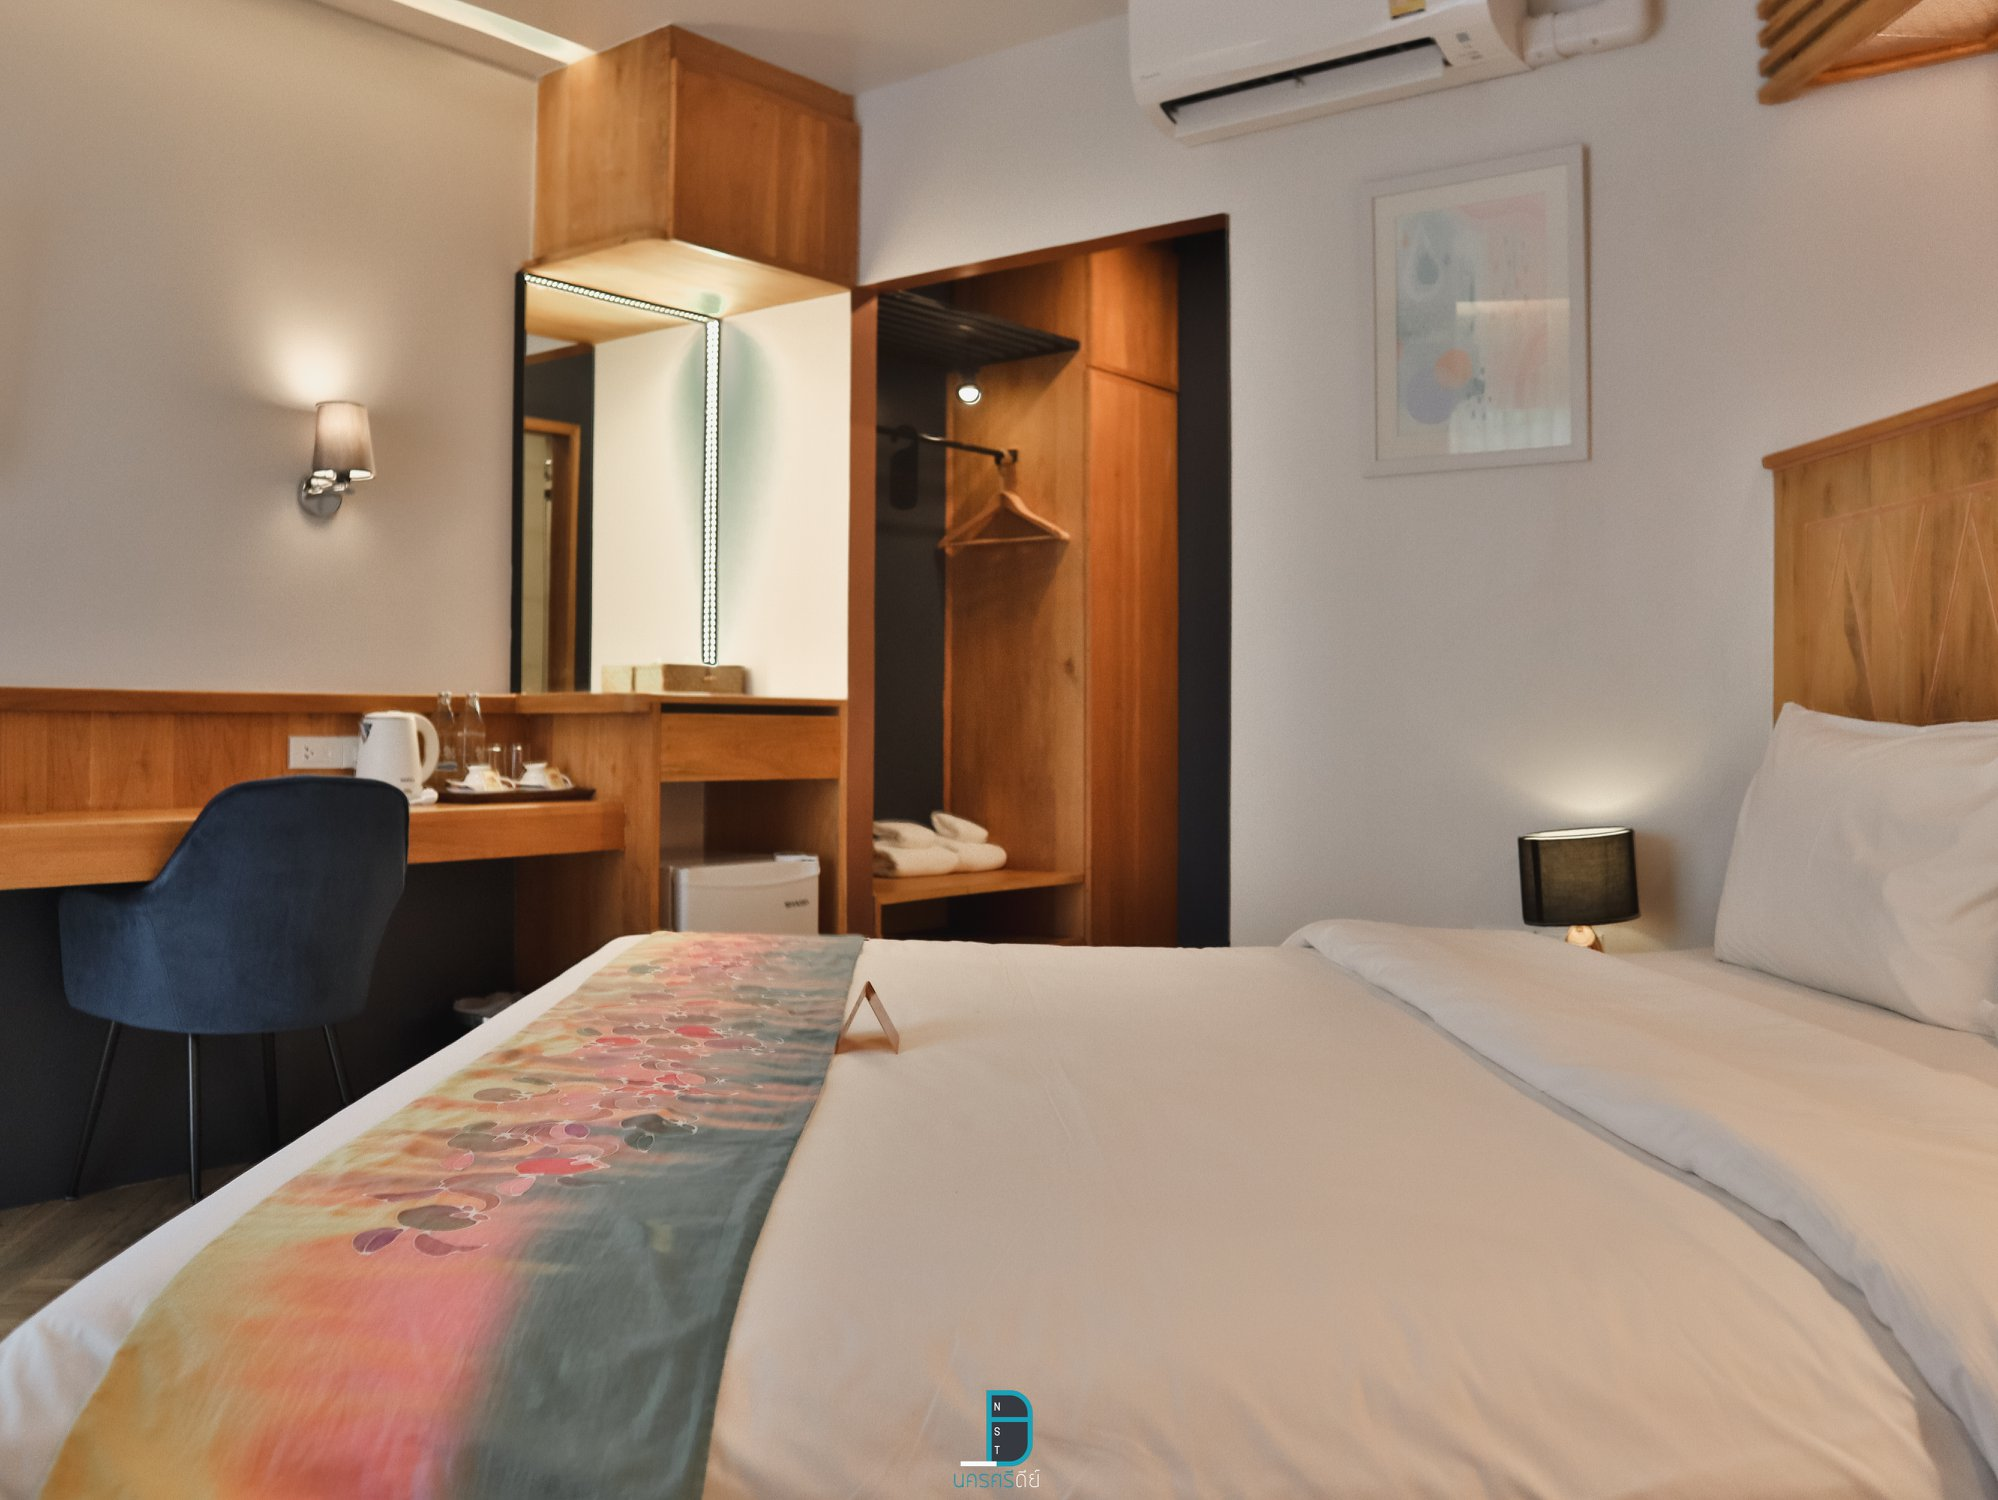 ห้องพักสวยใหม่สไตล์-Modern-ใช้ไม้อย่างดีคุณภาพสูง-วัสดุต่างๆภายในโรงแรมก็ดีย์จริงครับ ที่พัก,คีรีวง,นครศรีธรรมราช,คาเฟ่,ของกิน,ลานสกา,โรงแรม,รีสอร์ท